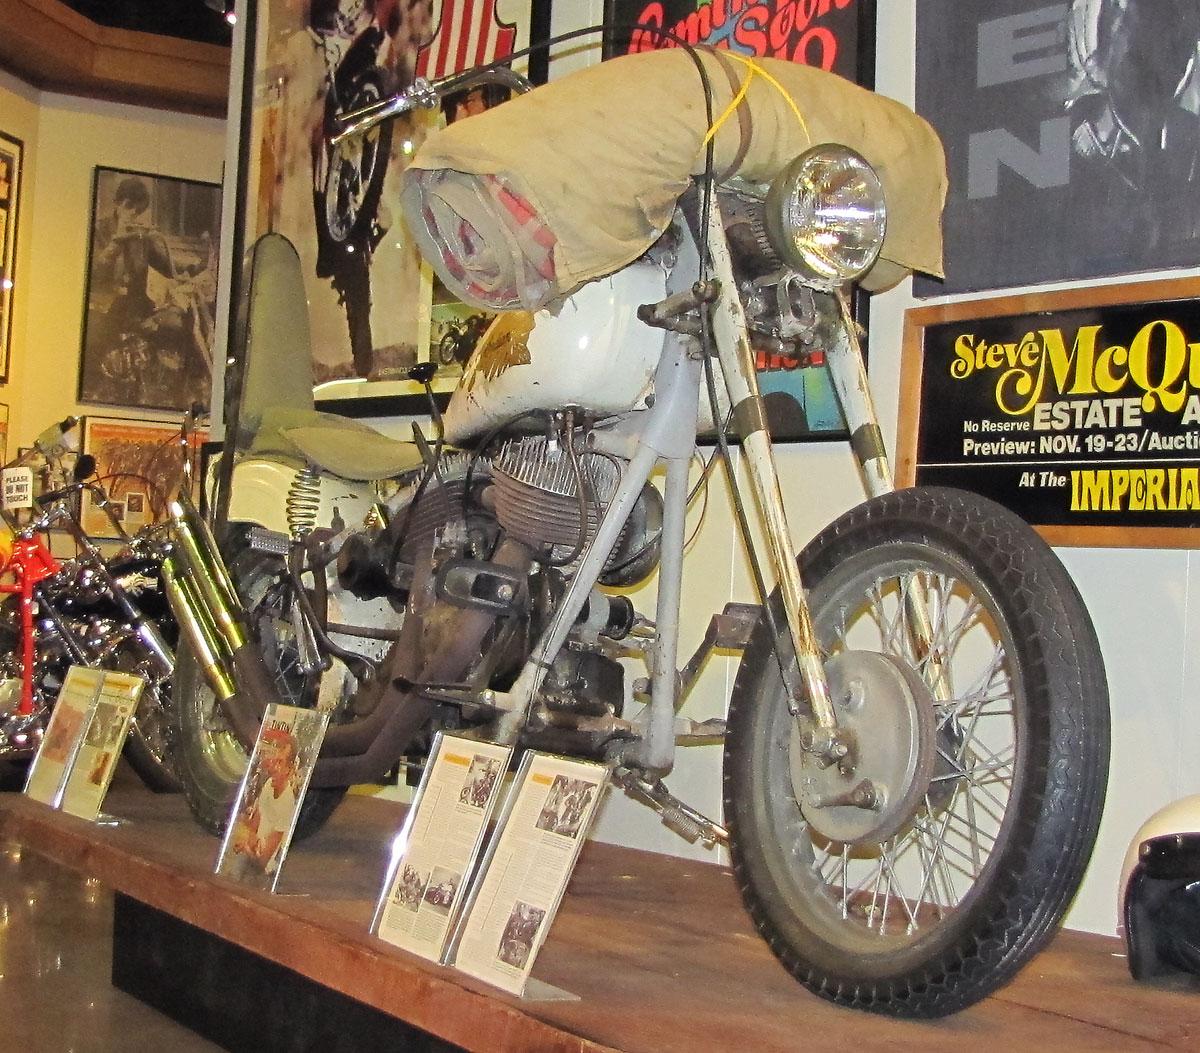 1947-Indian-steve-mcqueen_4